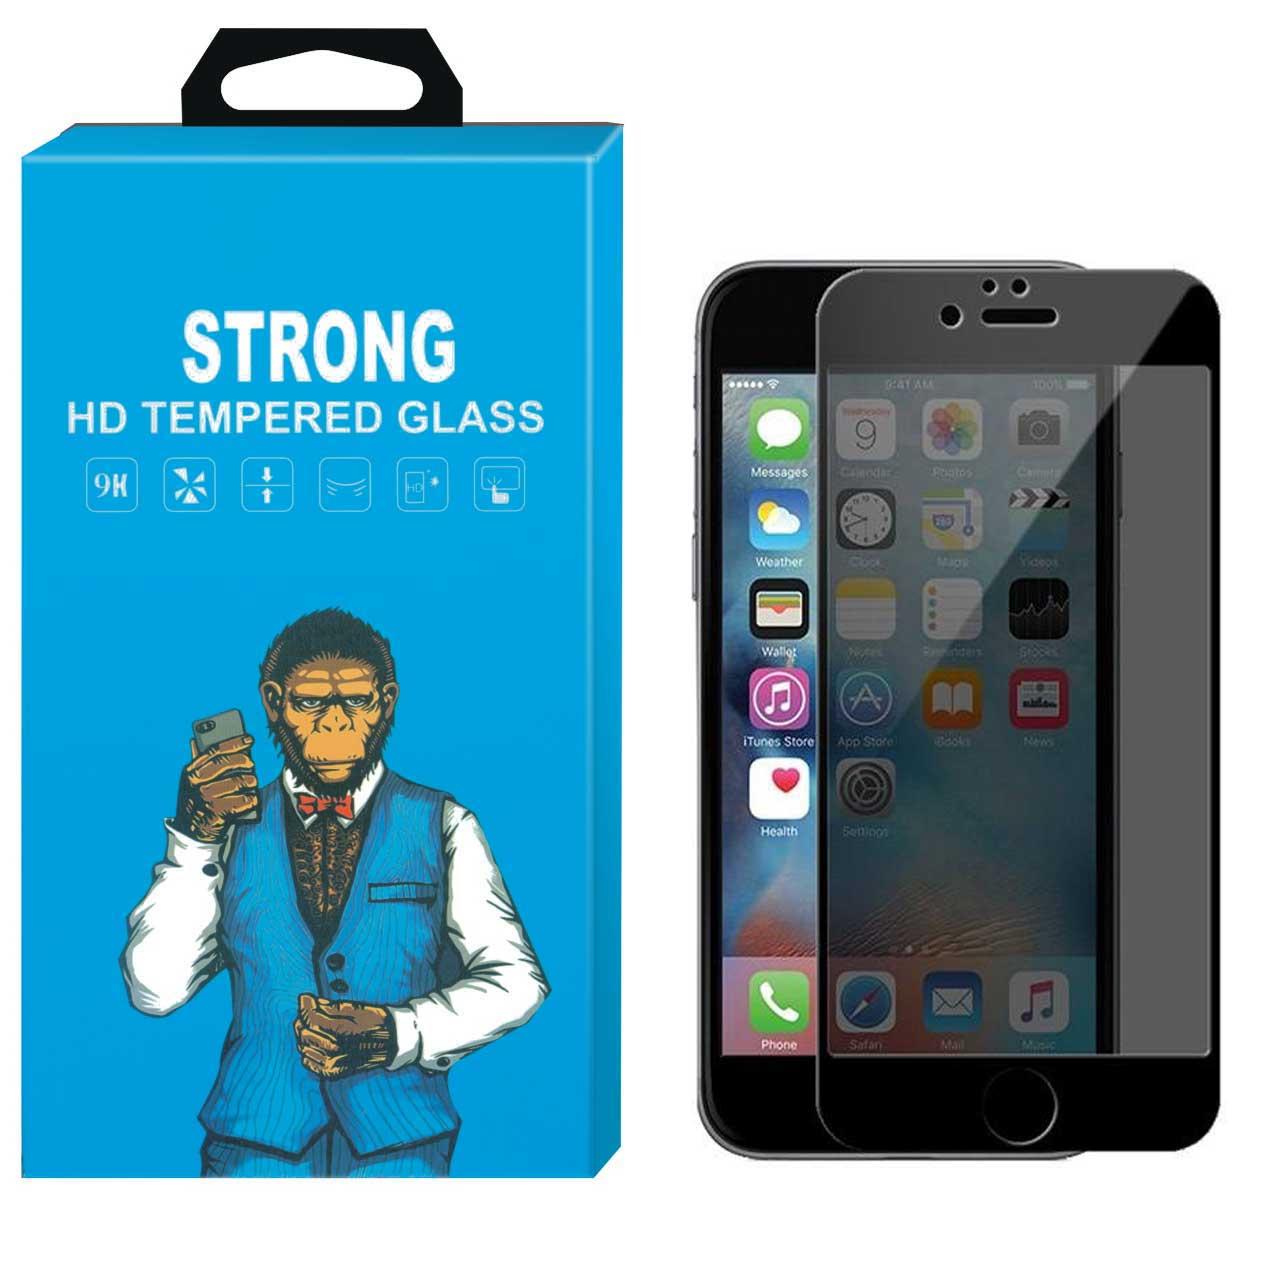 محافظ صفحه نمایش شیشه ای استرانگ مدل Privacy مناسب برای گوشی اپل آیفون 6/6S